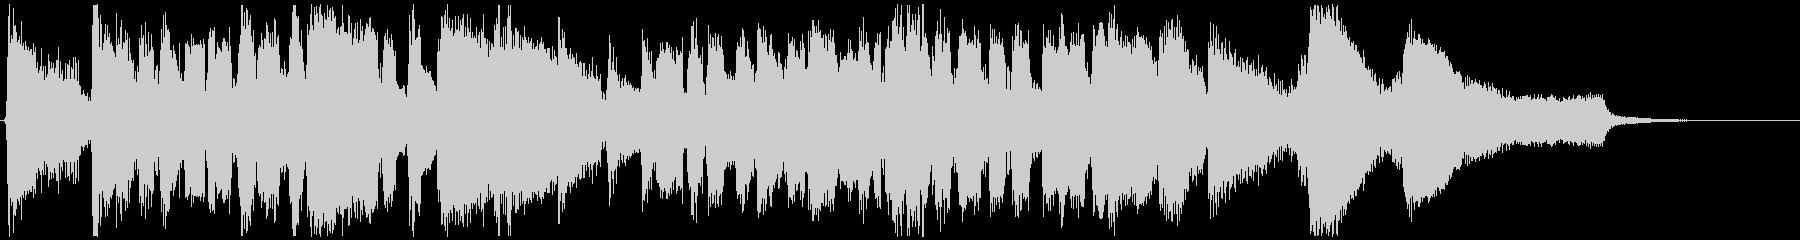 スタンダード系のジャズ◆CM向け15秒曲の未再生の波形